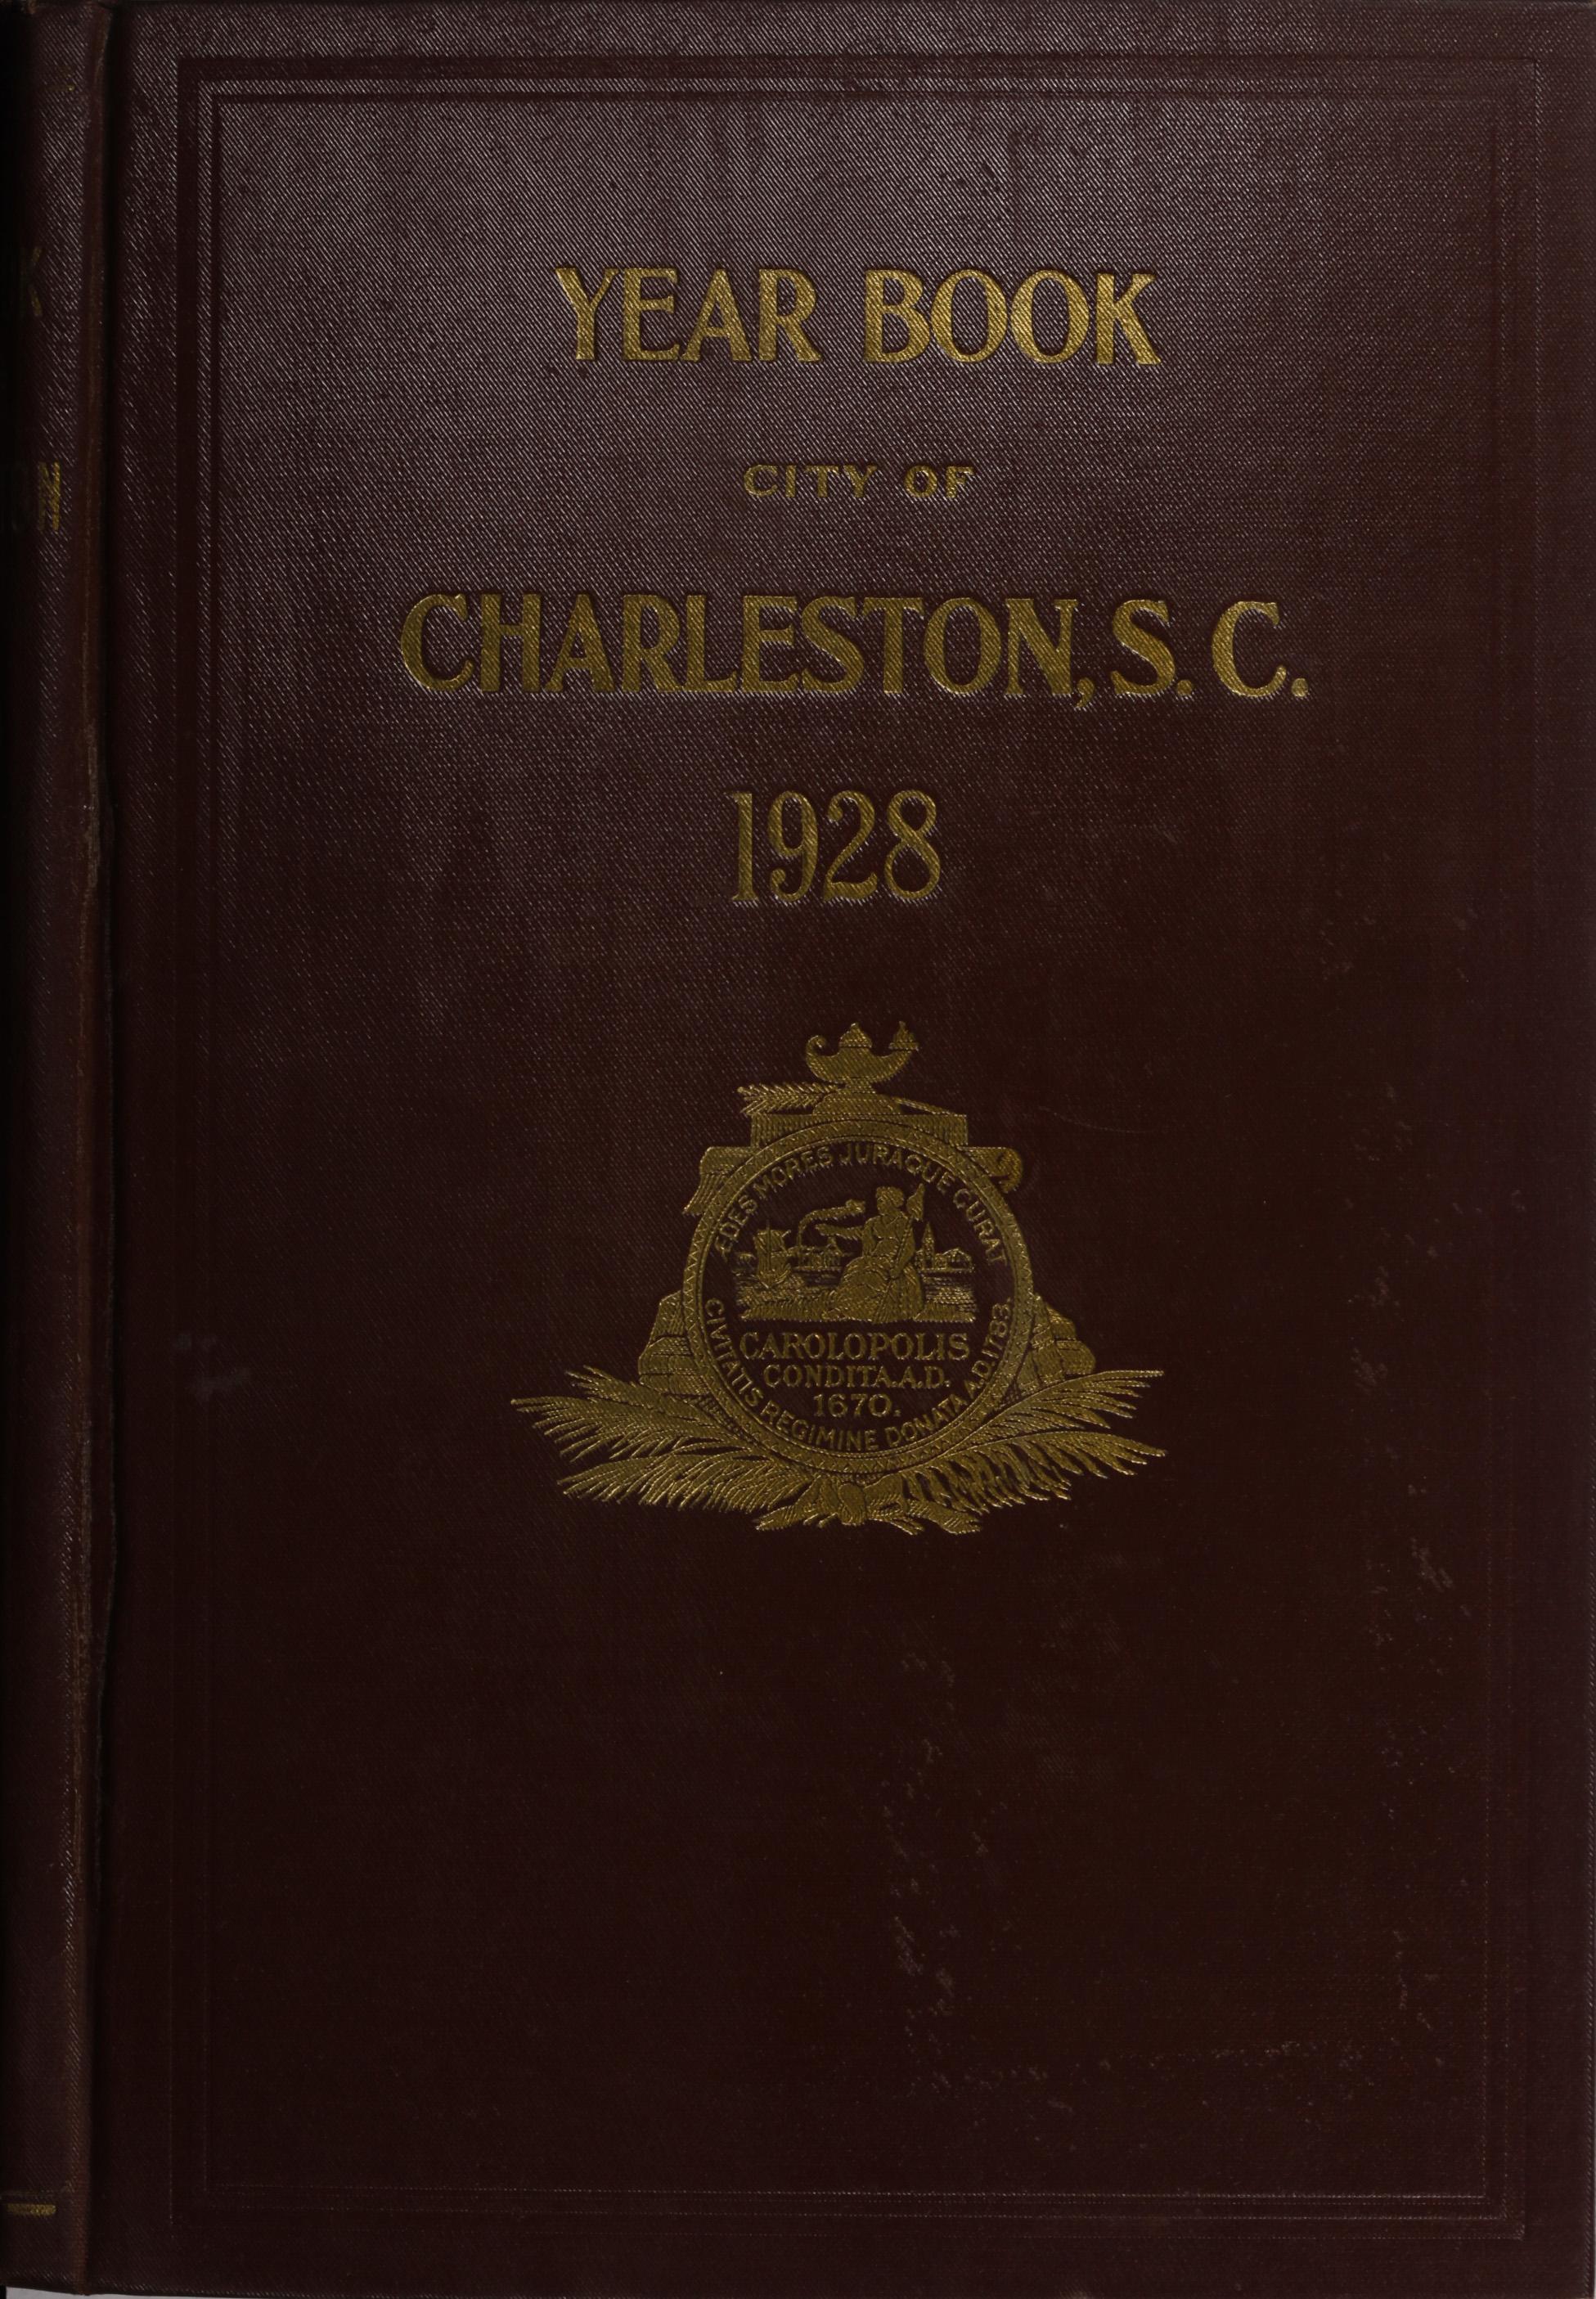 Charleston Yearbook, 1928, cover